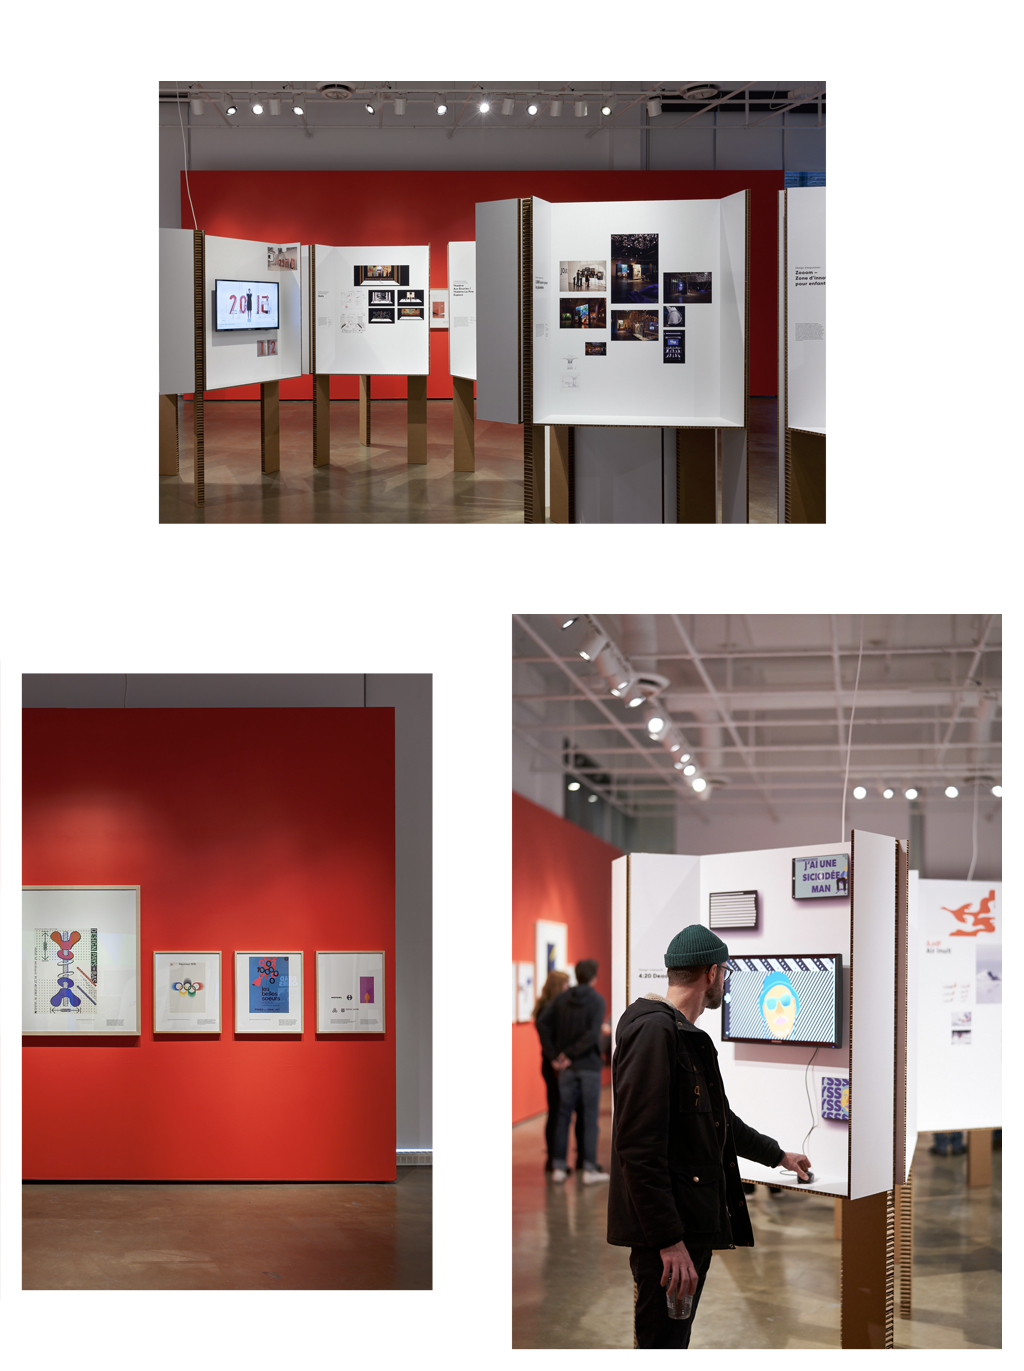 Photographies de de l'exposition Le design graphique, ça bouge ! présentée au Centre de design de l'UQAM en 2019/2020. Crédit photo : Michel Brunelle